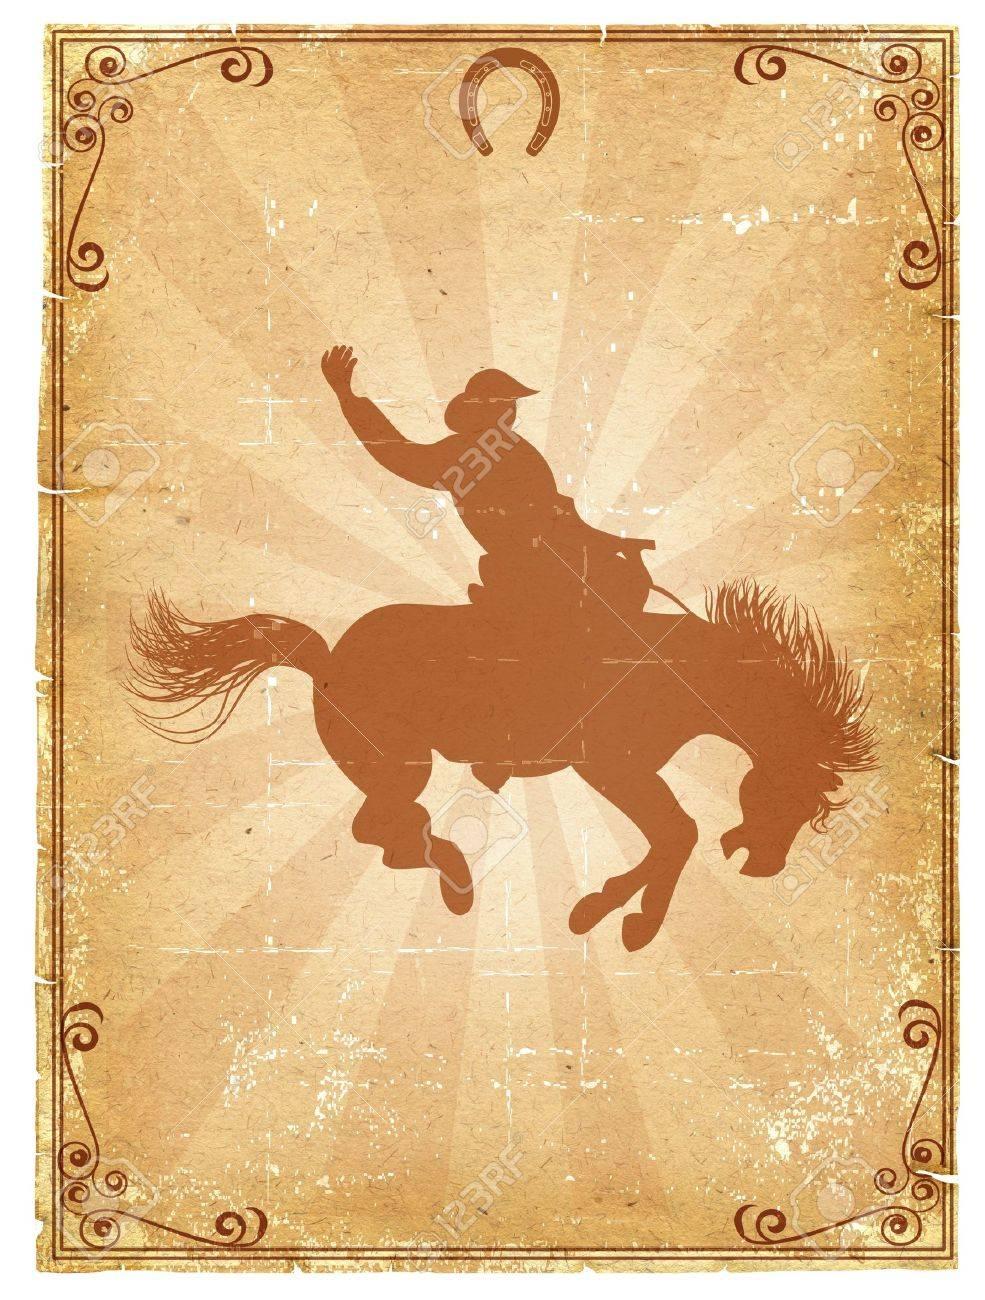 Cowboy Alten Papierhintergrund Für Text Mit Dekor Rahmen.Retro Rodeo ...